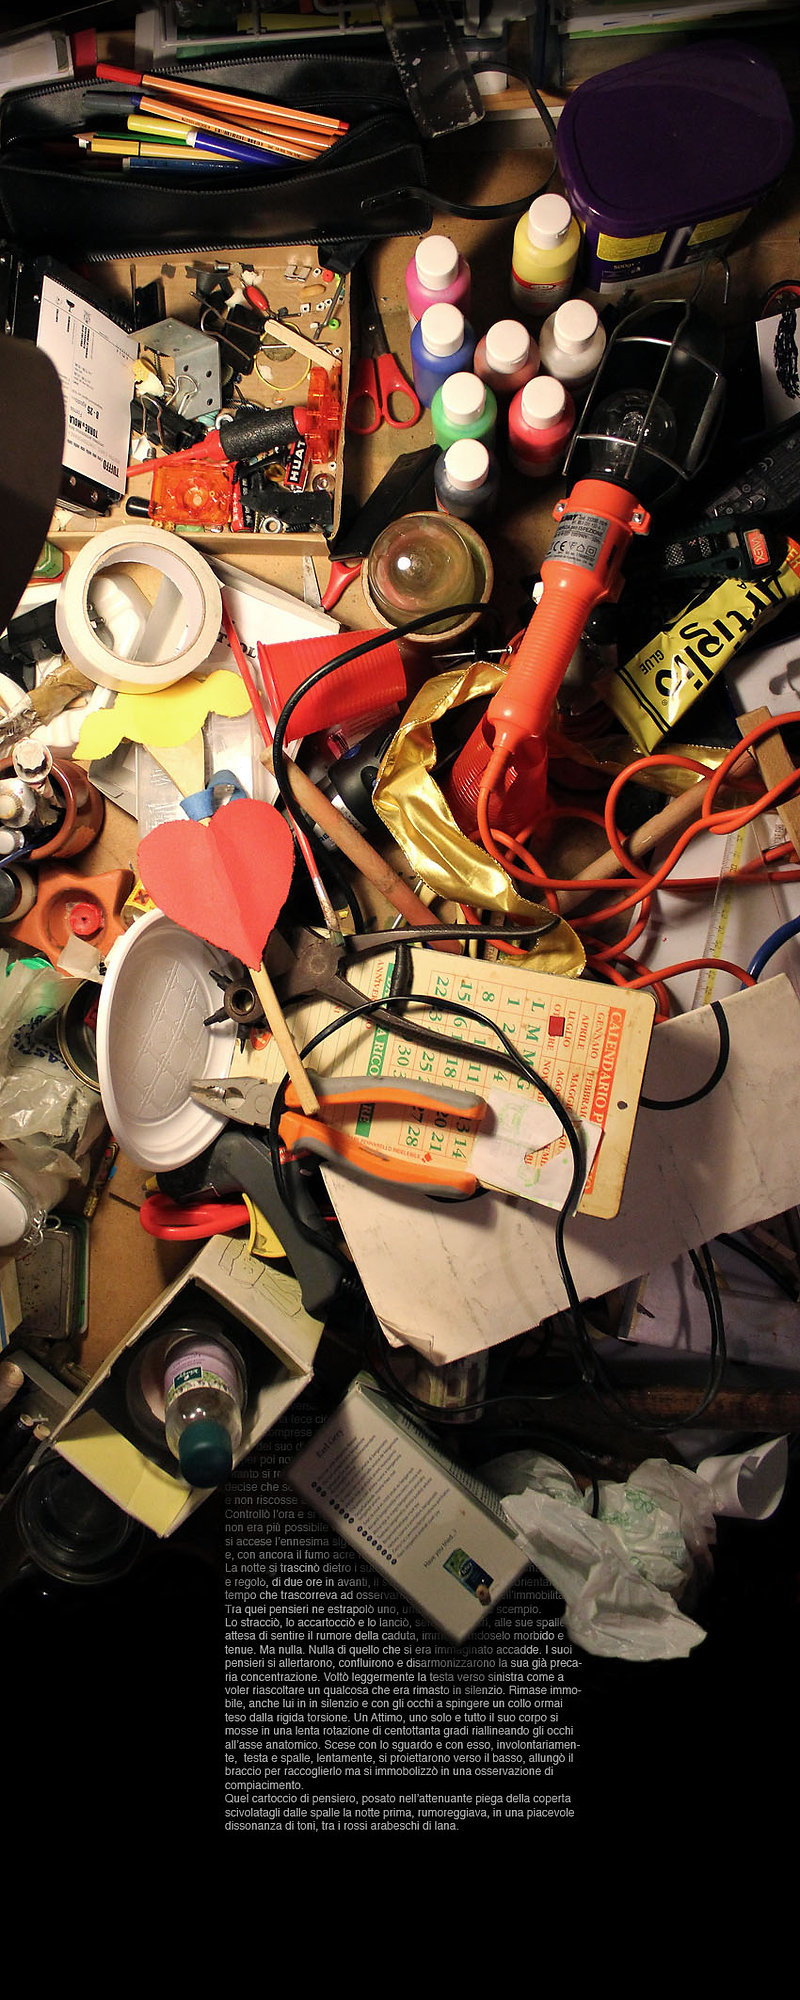 scrivania di carlo de meo, oggetti accumulati, laboratorio creativo,